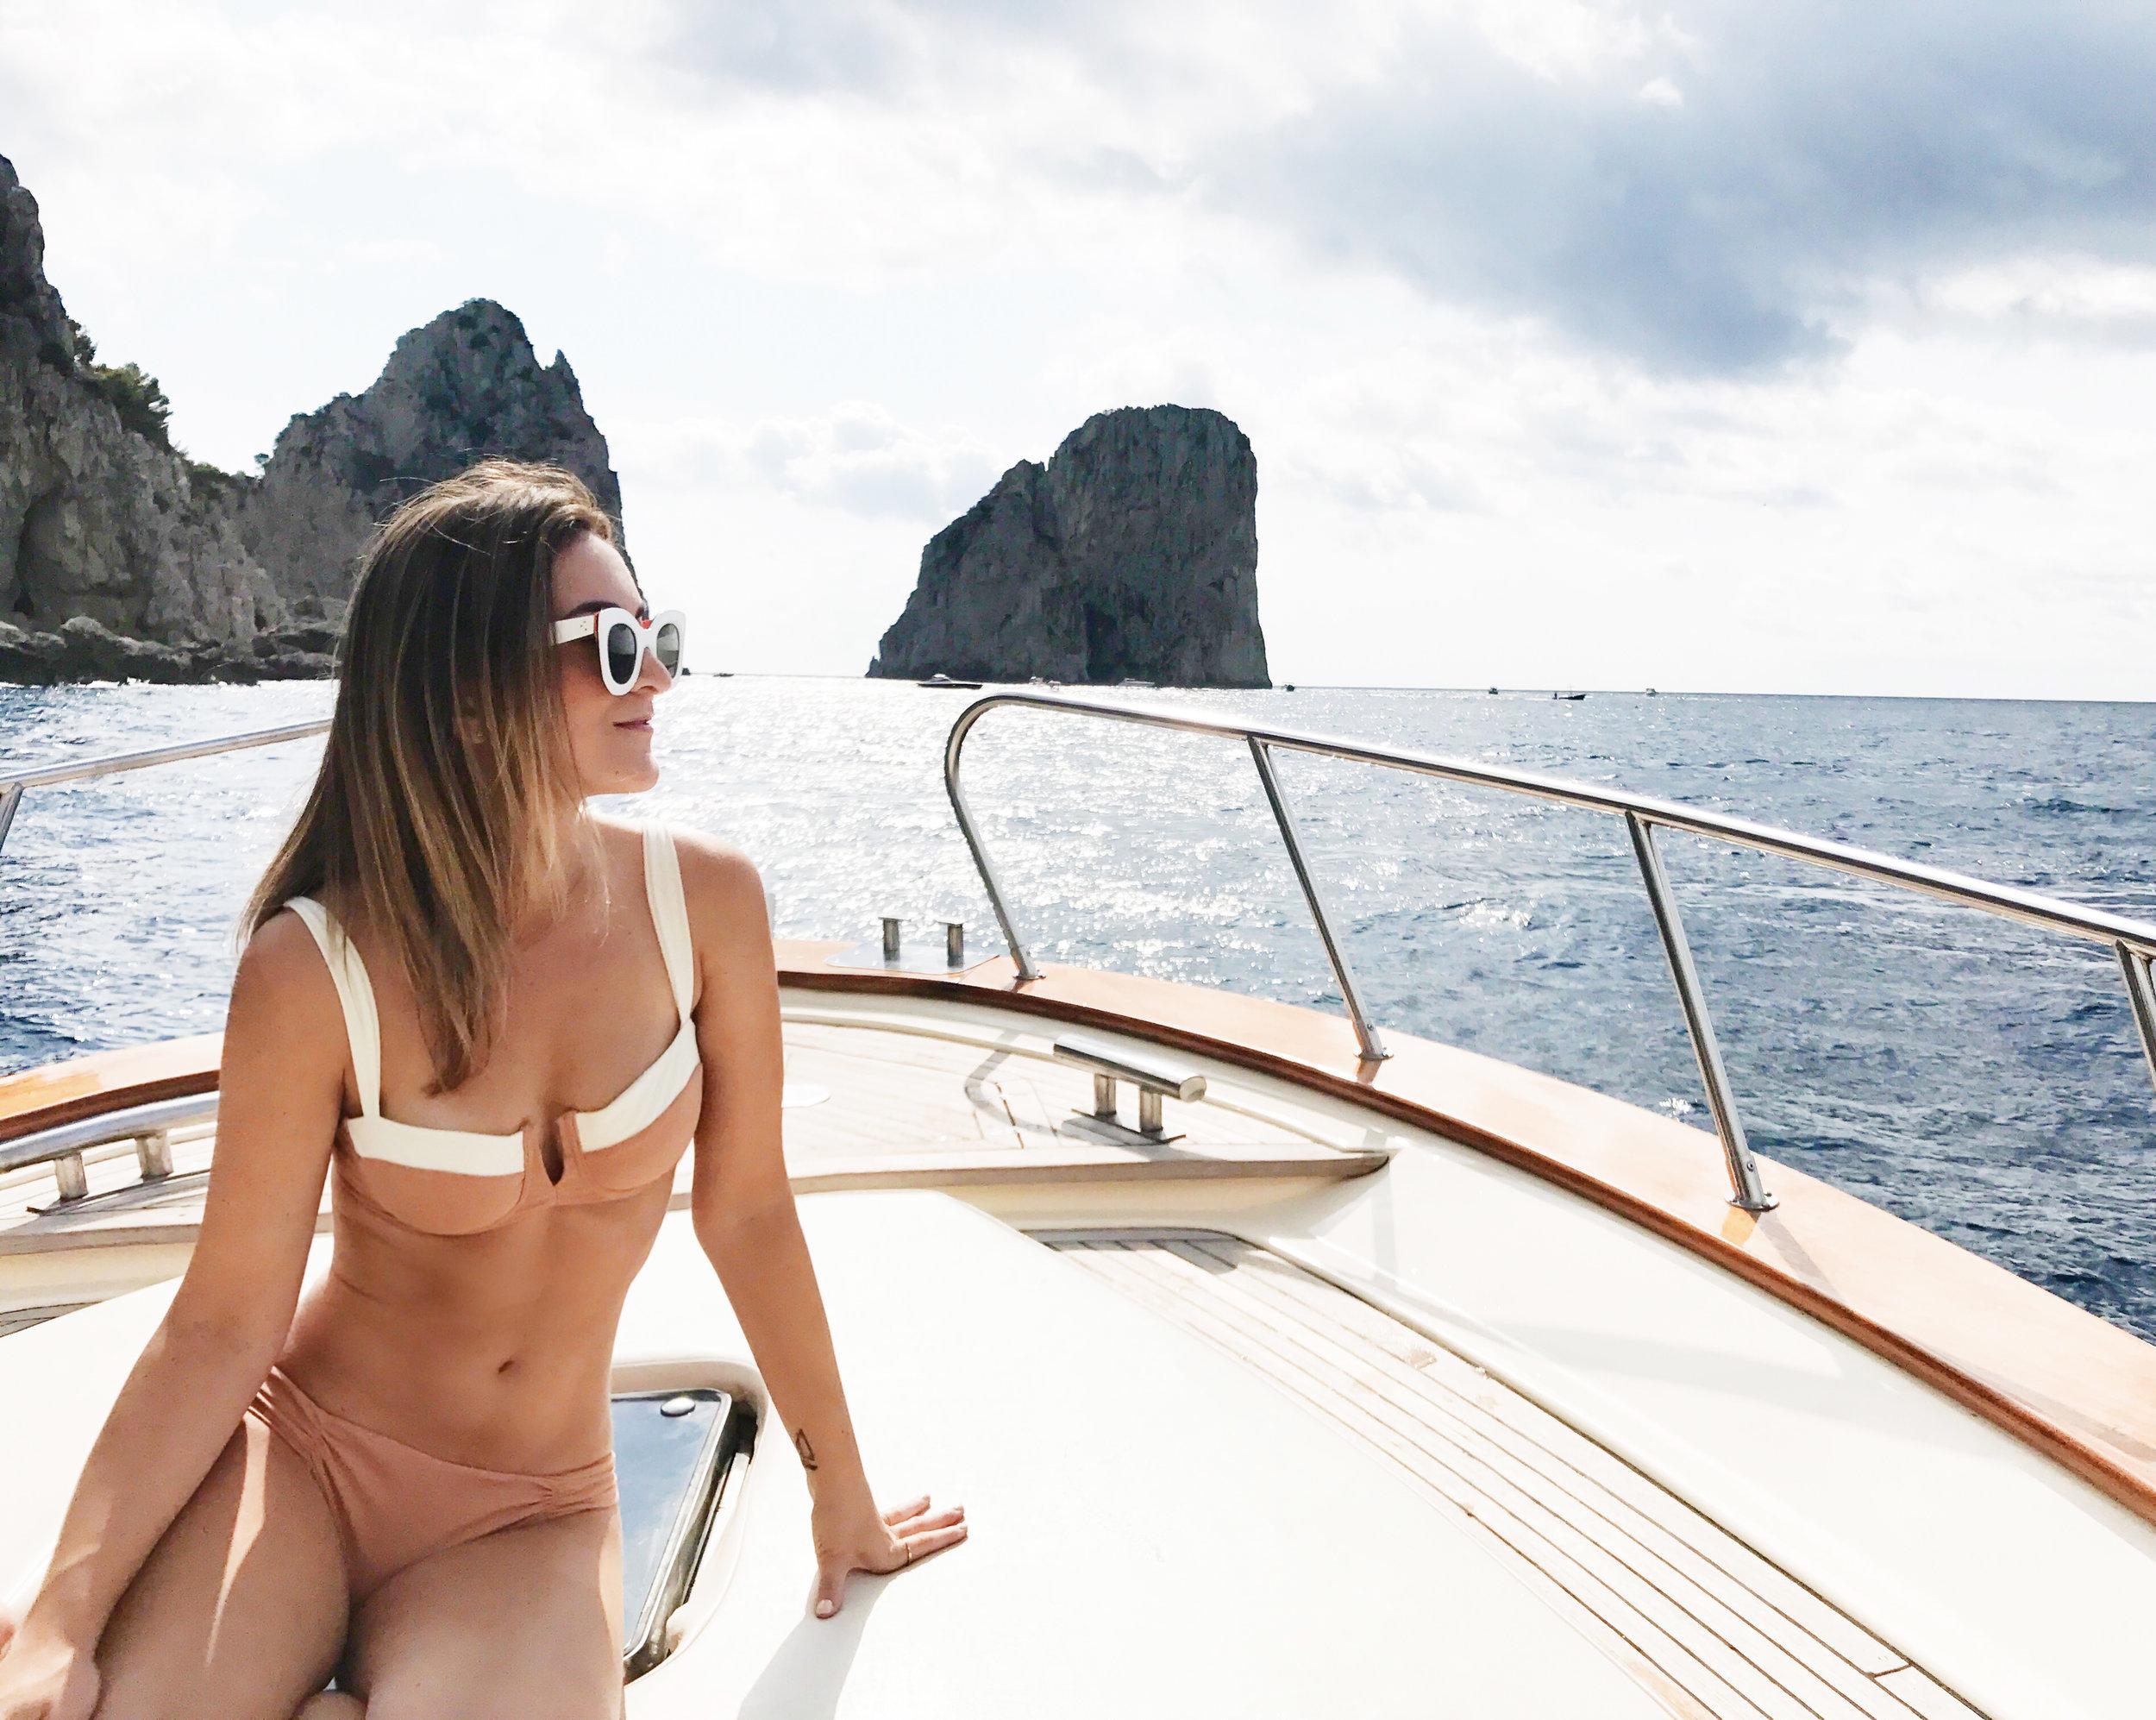 Shore_Society_Capri_Italy.JPG